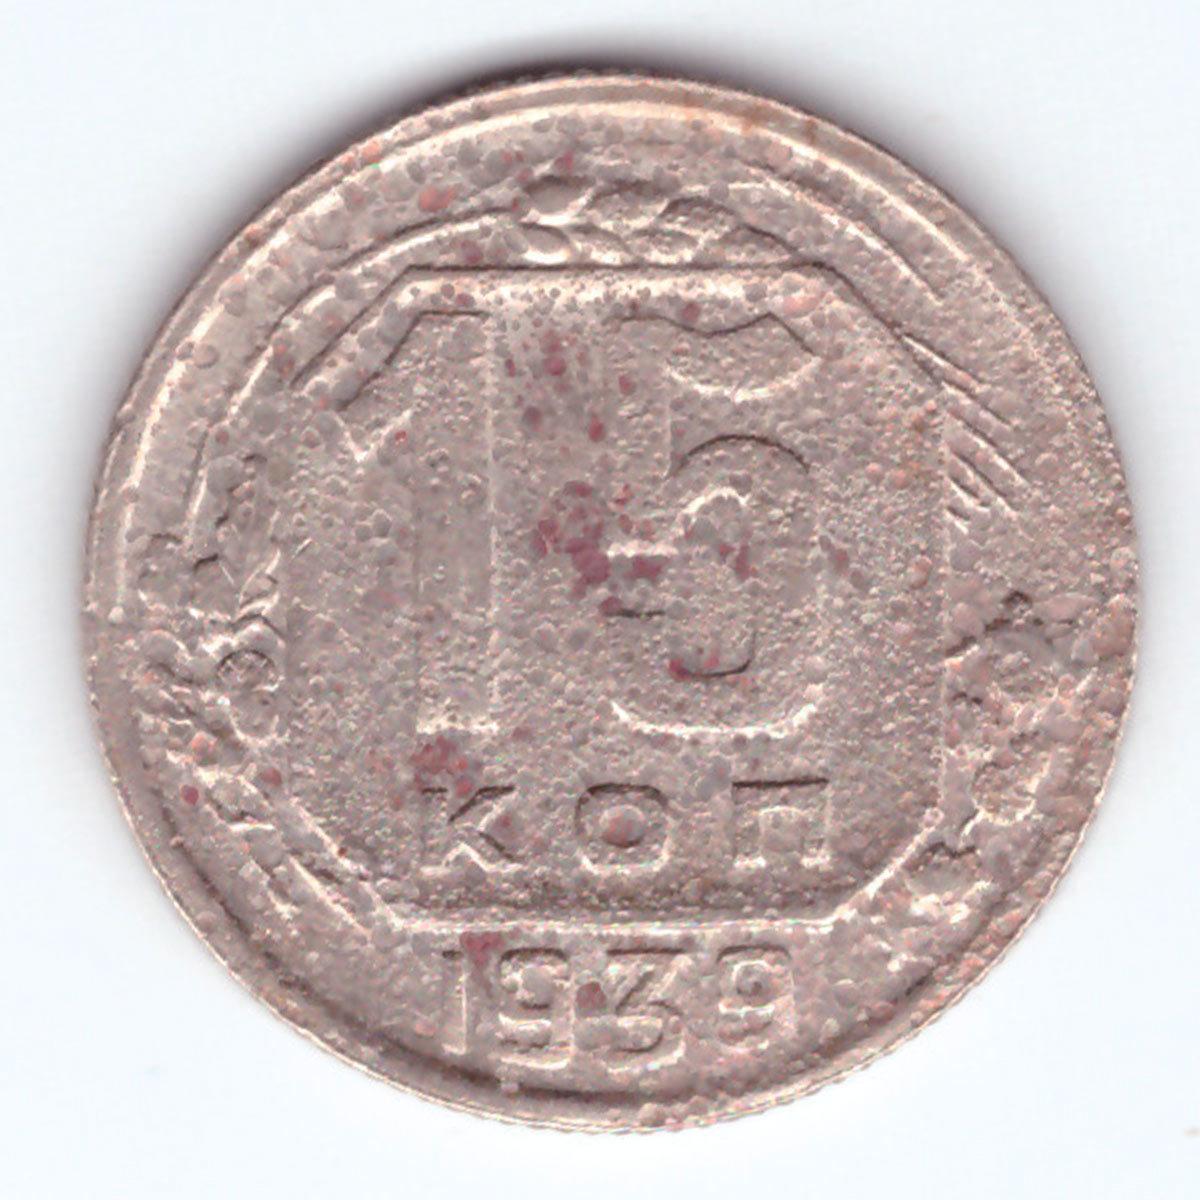 15 копеек 1939 года G №3